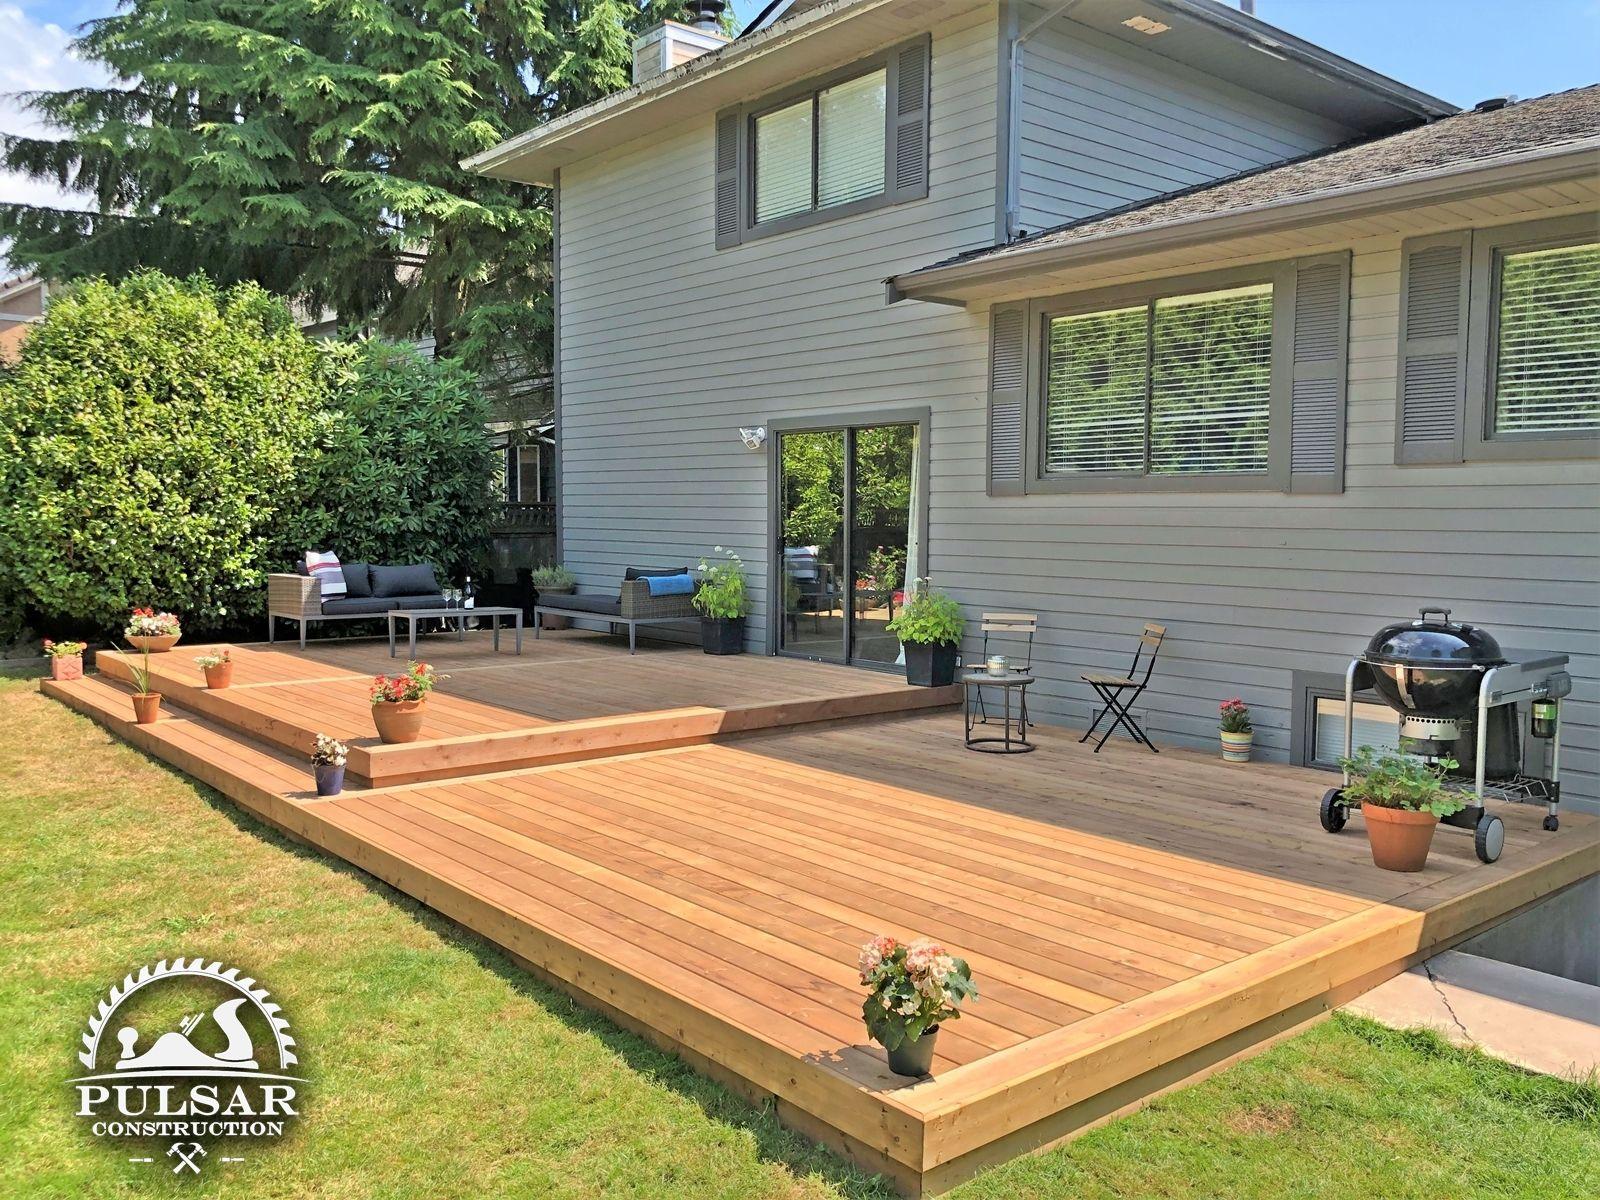 Split-Level Patio Deck in 2020 | Deck designs backyard ... on Split Level Backyard Ideas id=40619